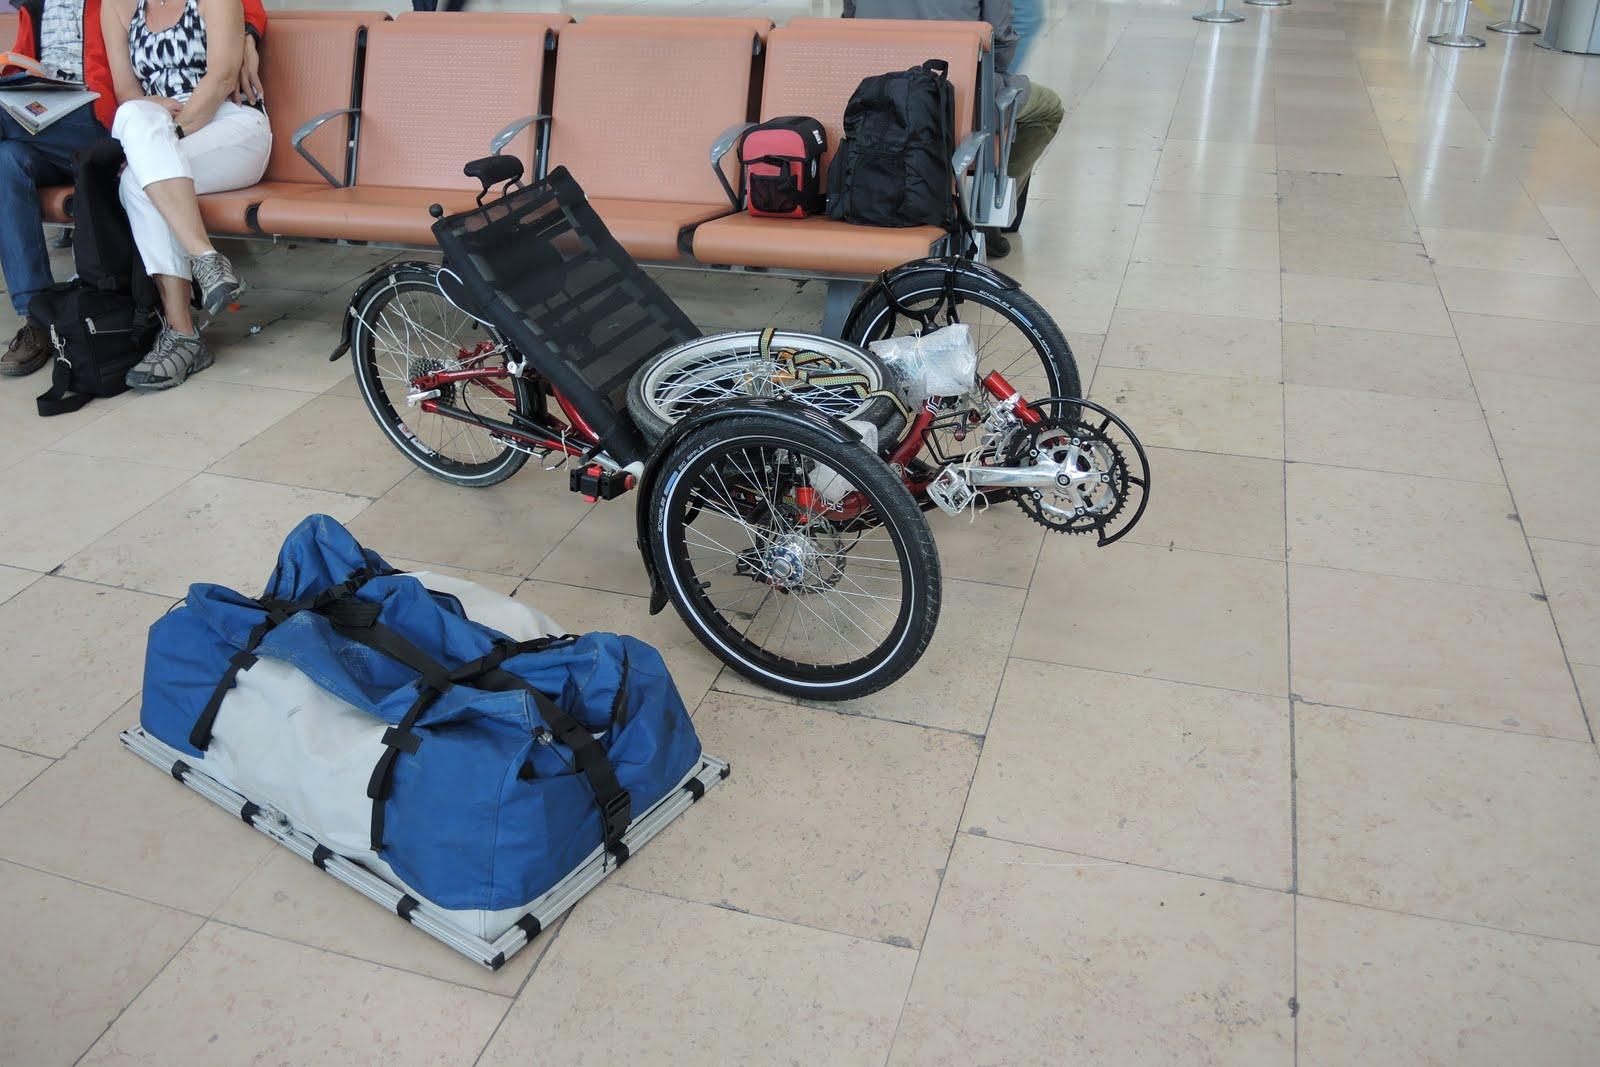 Trike prêt à être embarqué dans l'avion